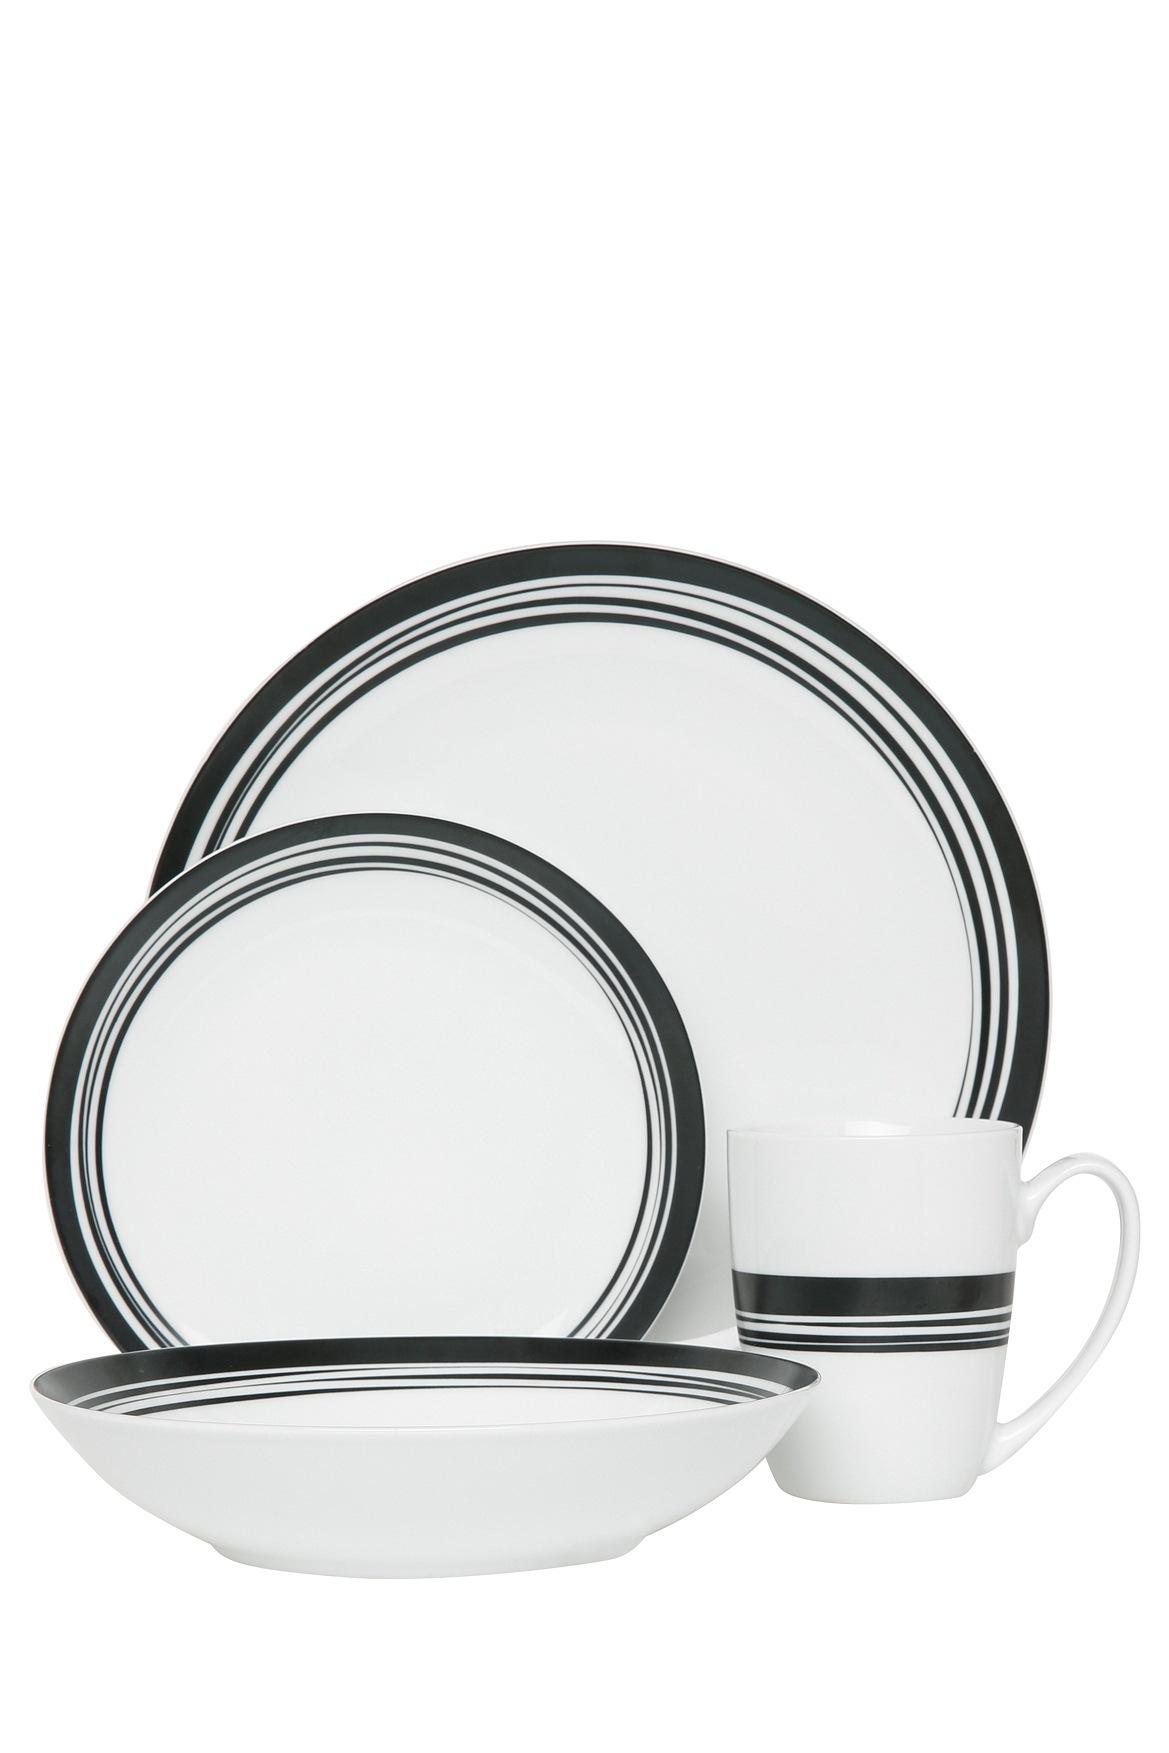 sc 1 st  Myer & Vue | Nomad Porcelain 16 Piece Dinner Set | Myer Online